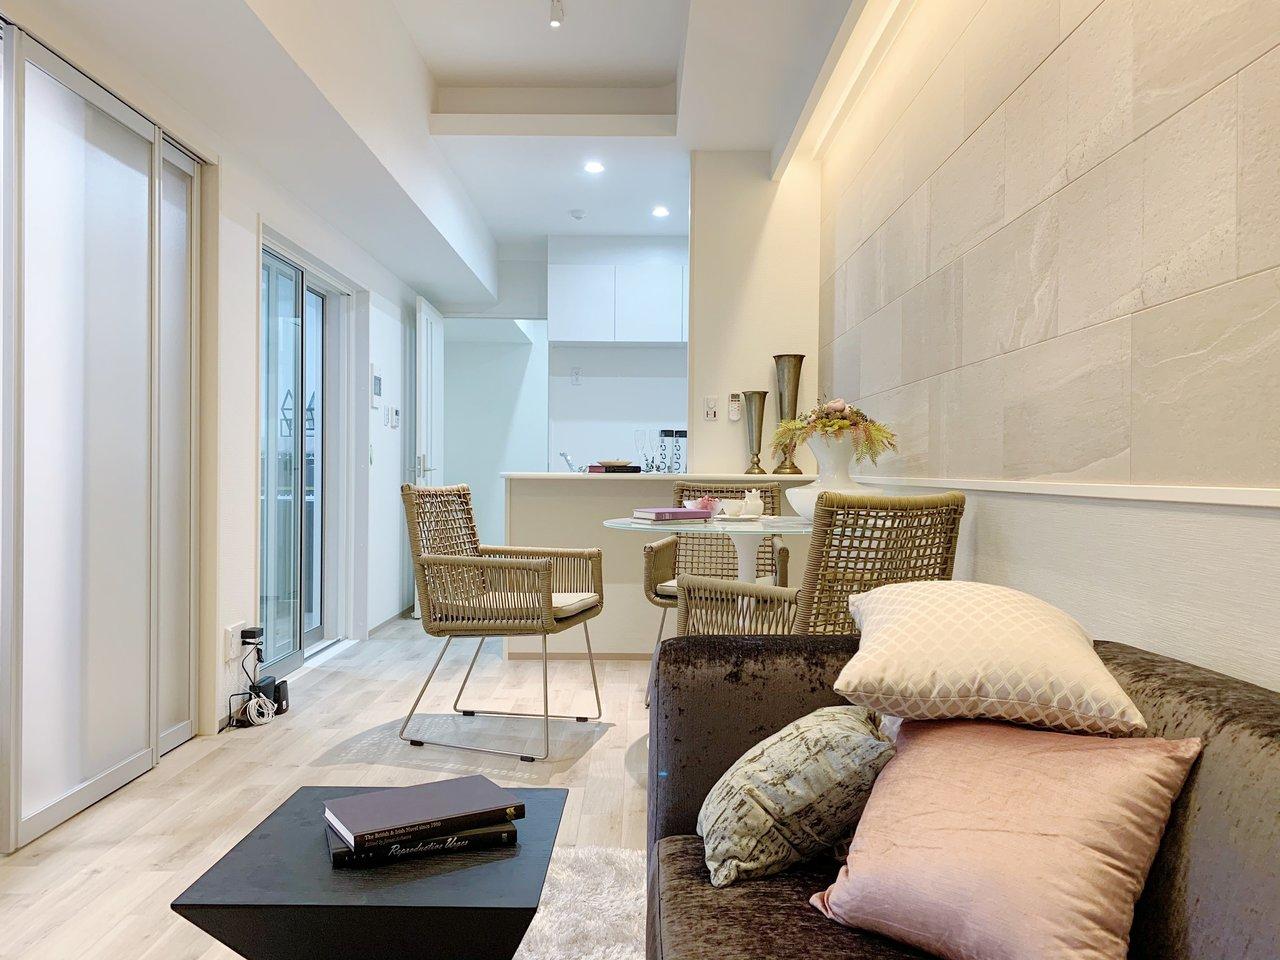 カウンターキッチンの11.2畳のLDK!壁のデザインなど、ちょっとゴージャスな雰囲気です(家具、インテリアは付属しません)